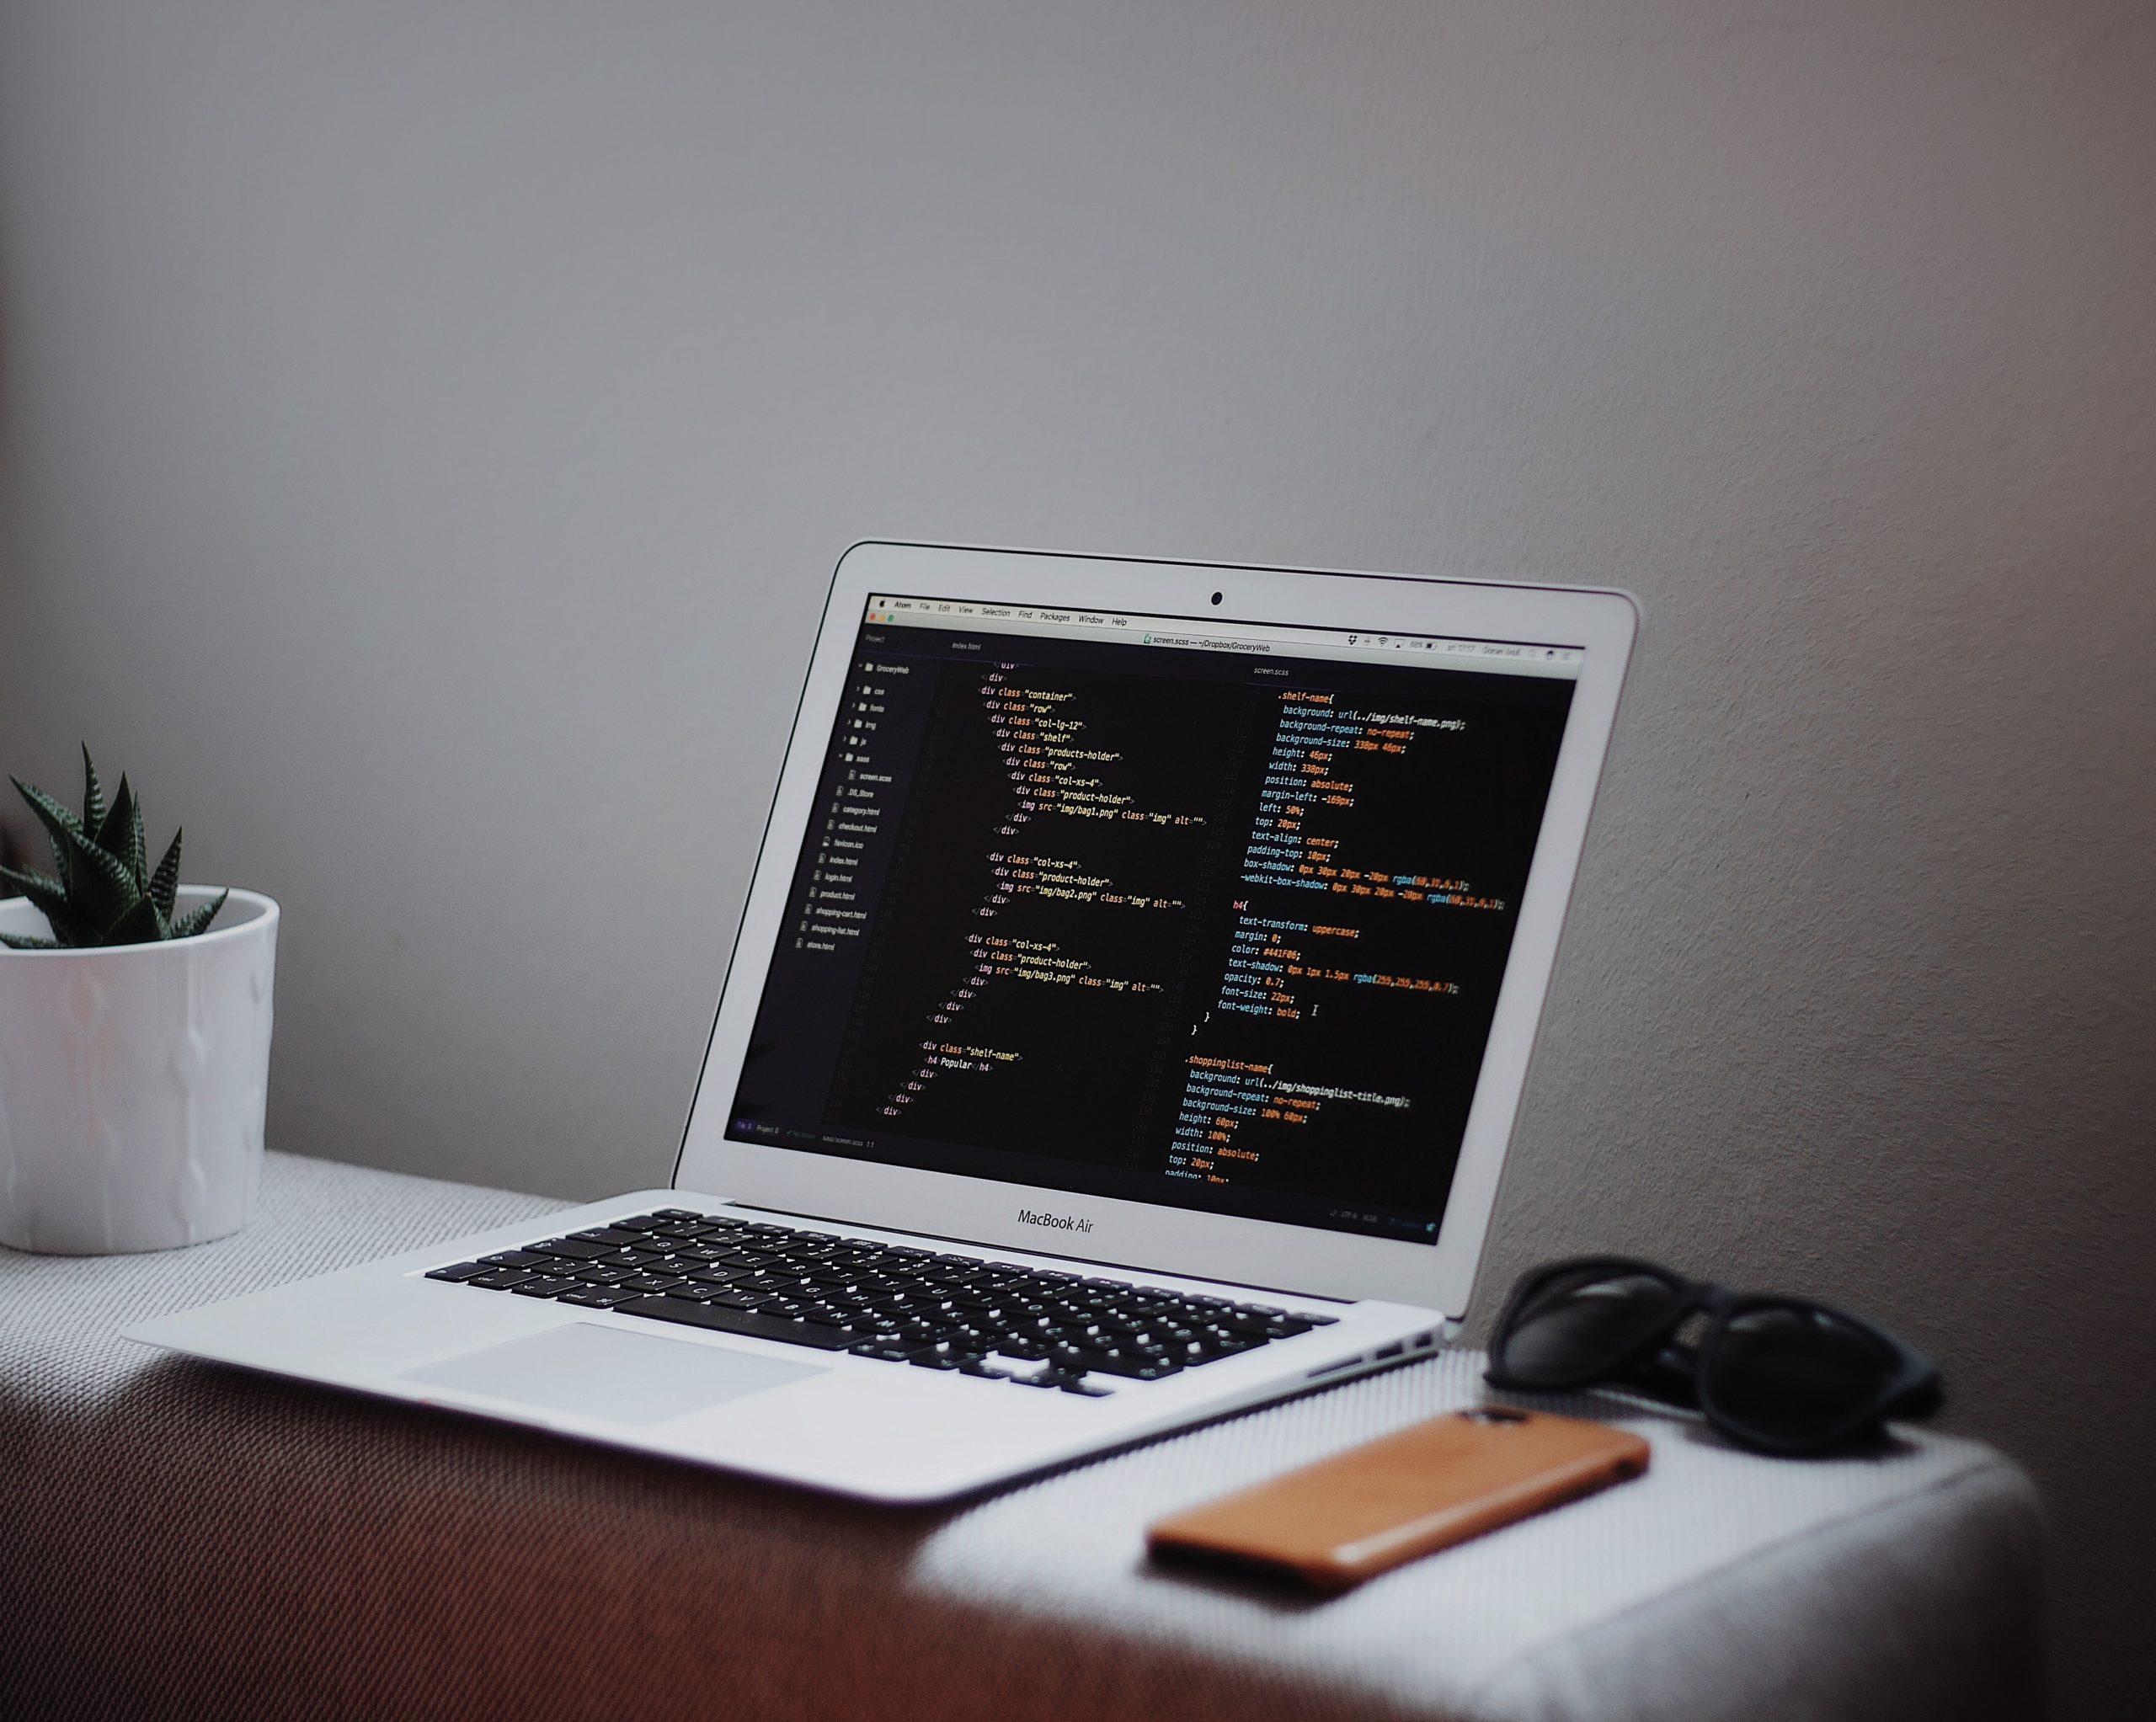 Quel est le meilleur langage de code à apprendre en premier ?